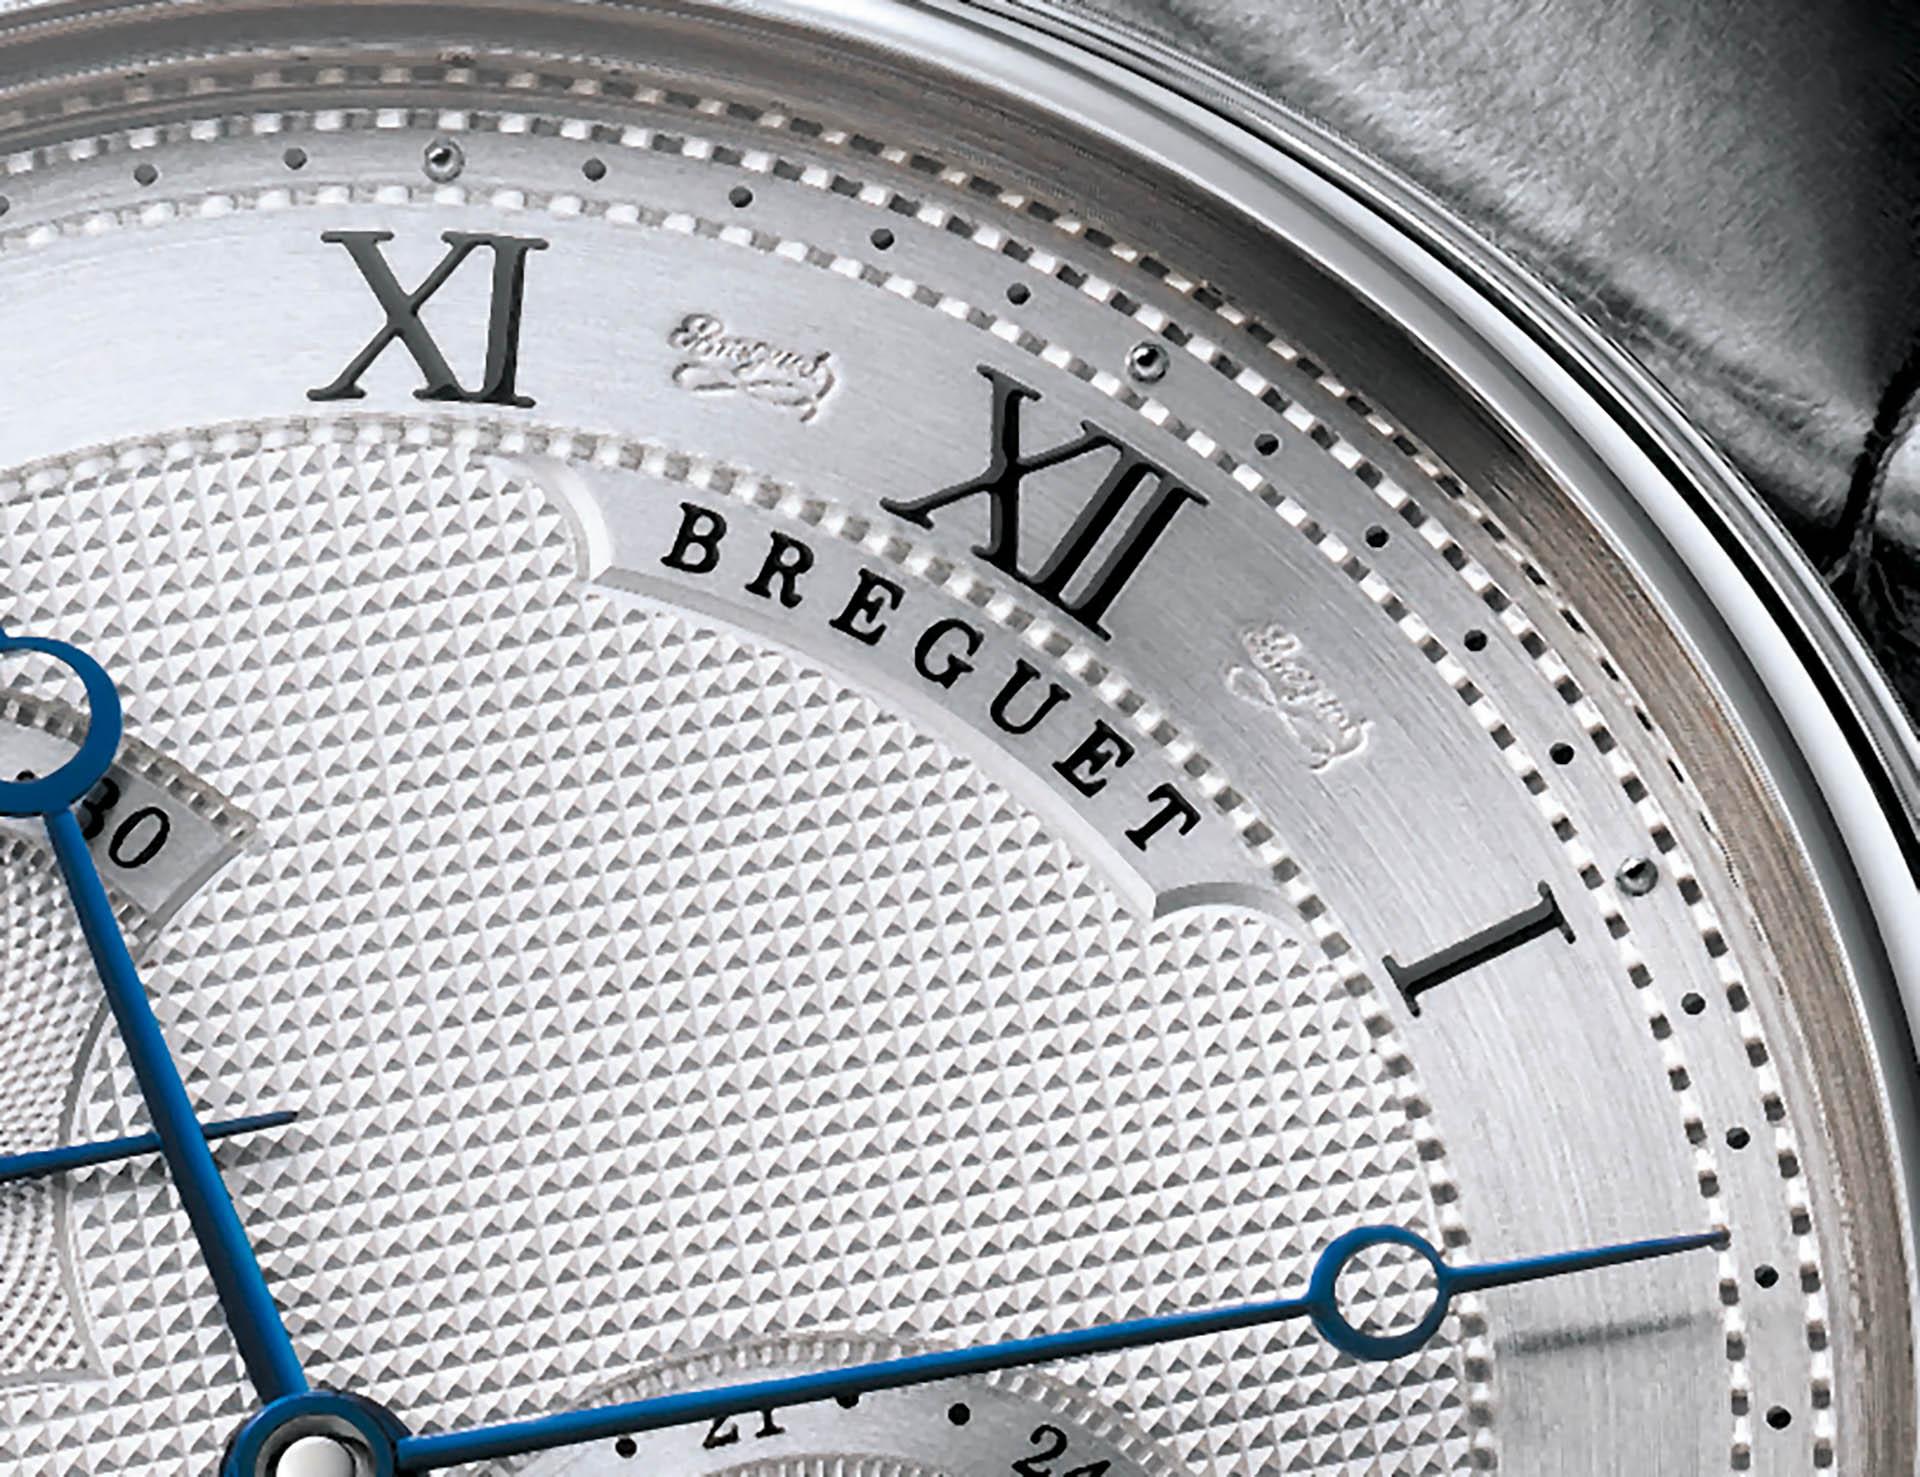 Die geheime Breguet-Signatur auf dem Zifferblatt.